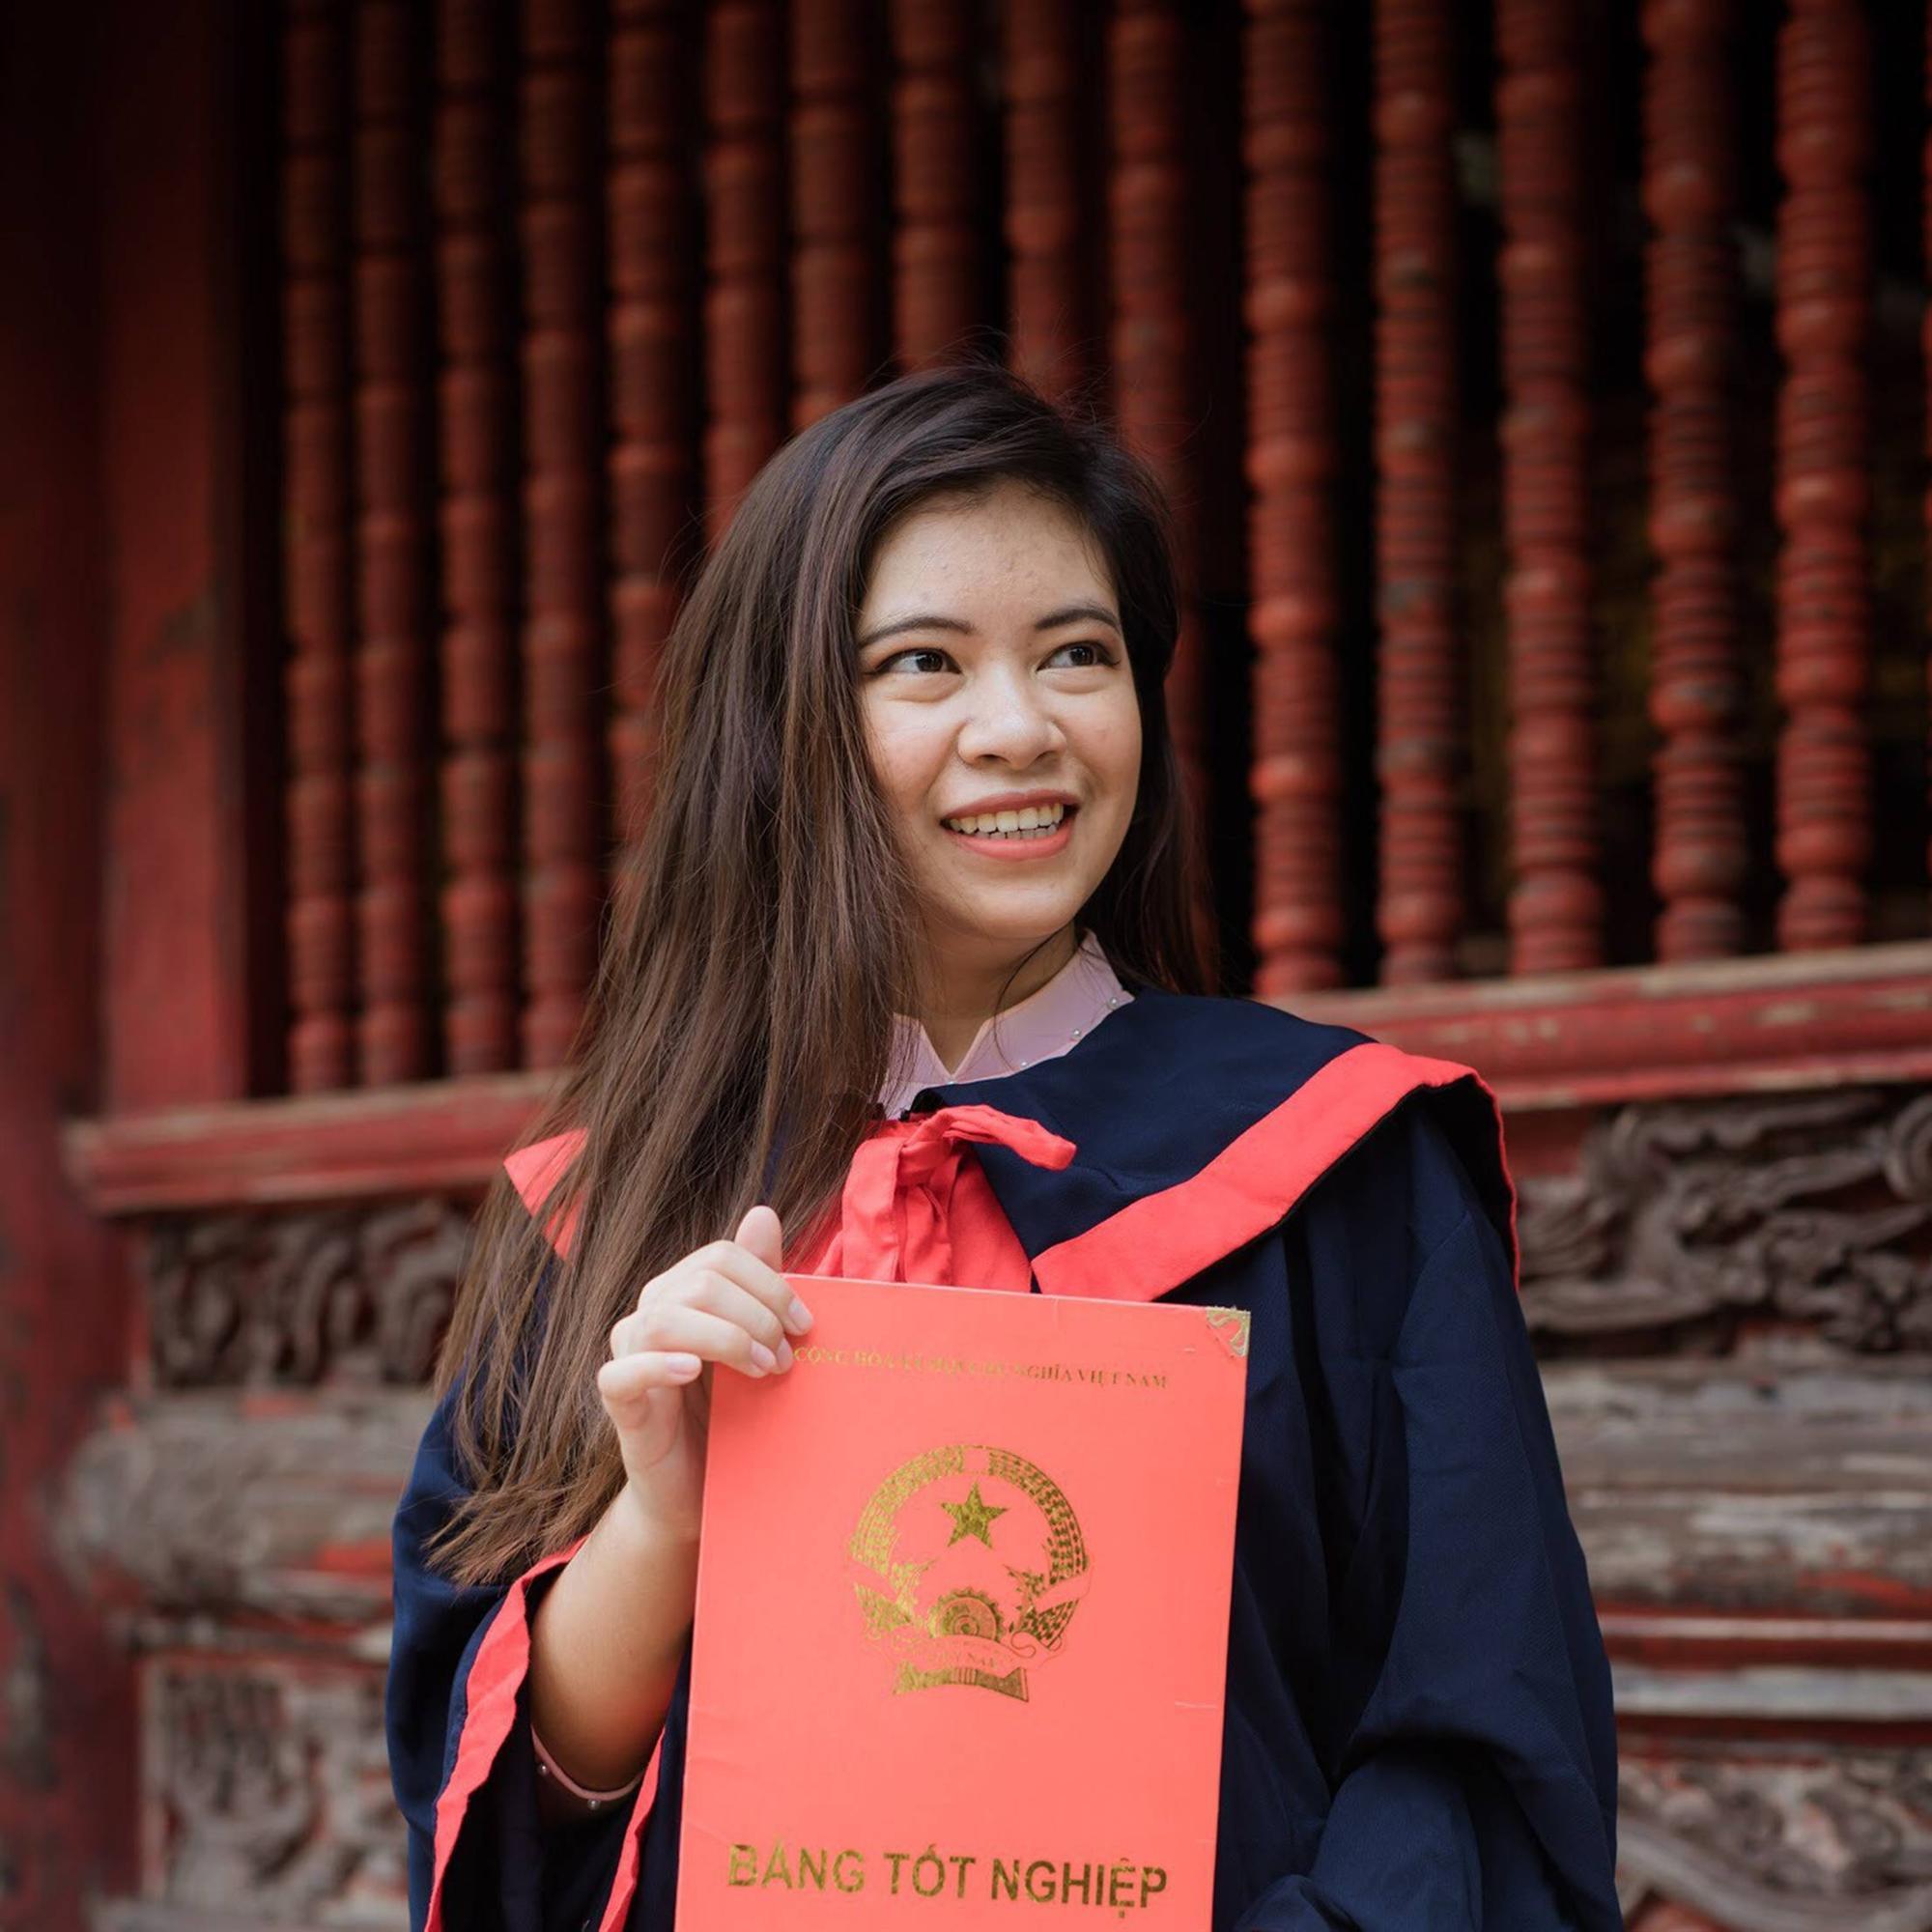 Nữ sinh người Thái tốt nghiệp thủ khoa trường Nhân văn với điểm 3.92/4: Điều mình shock nhất ở Việt Nam là quá nhiều xe máy và tiếng còi inh ỏi-1